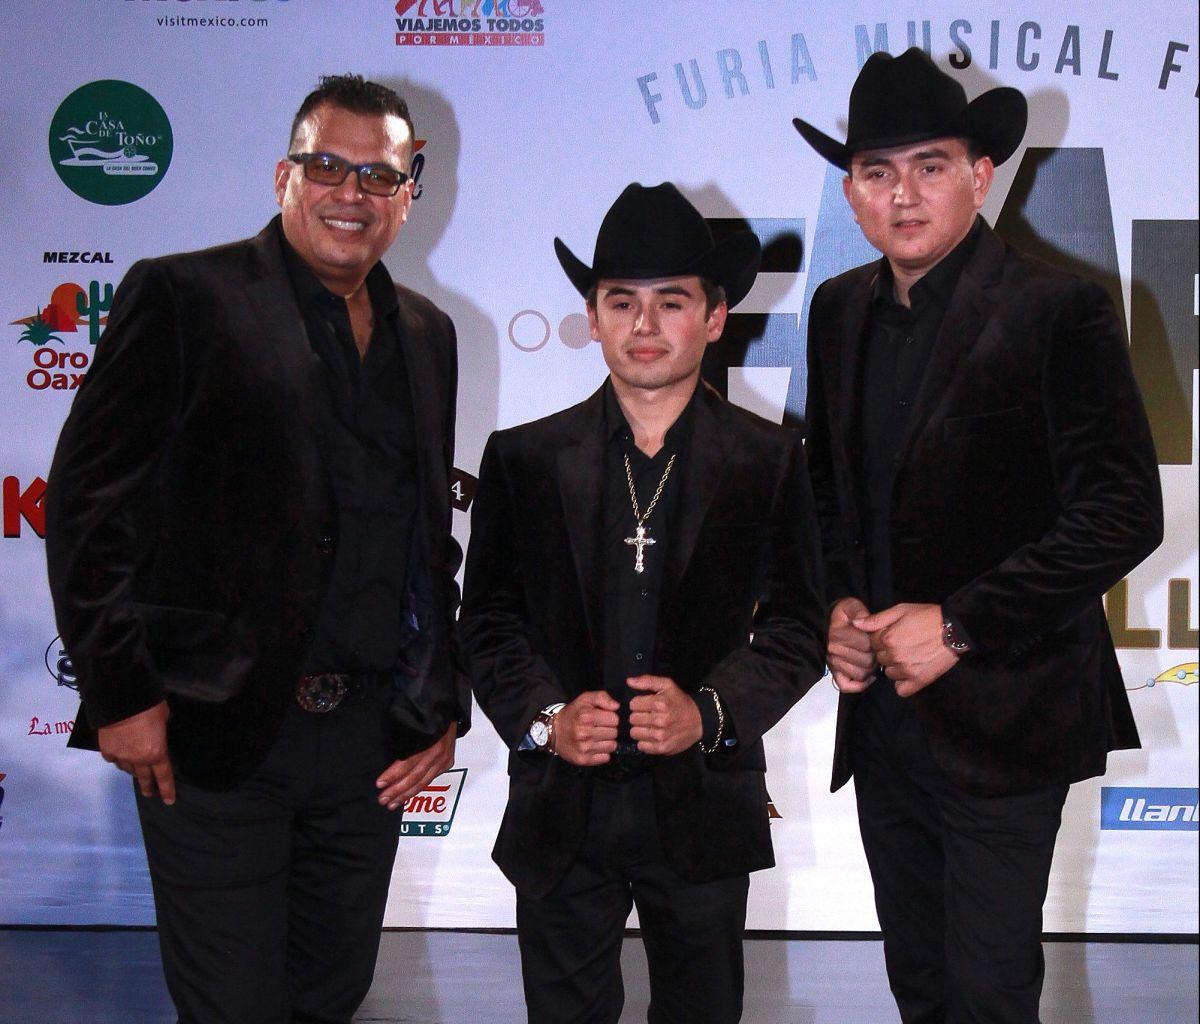 Los Plebes del Rancho revelan fecha para lanzar nuevo álbum